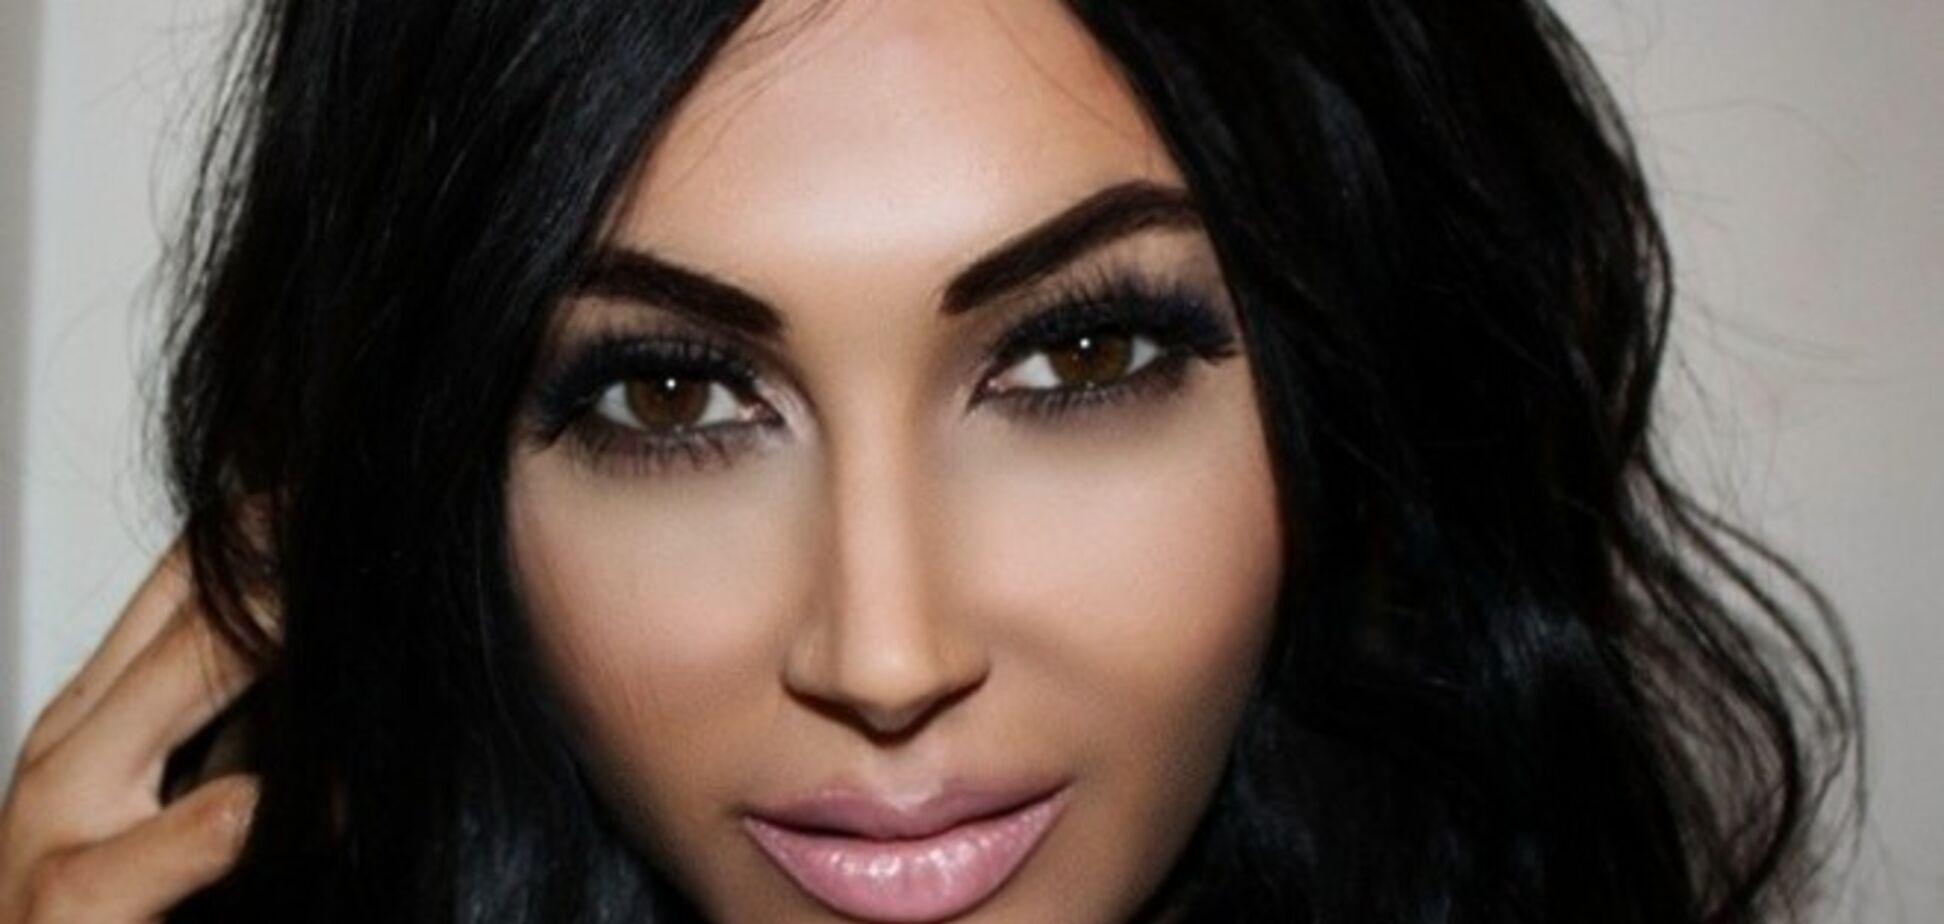 Фанатка Ким Кардашьян готова на все, чтобы быть похожей на своего кумира